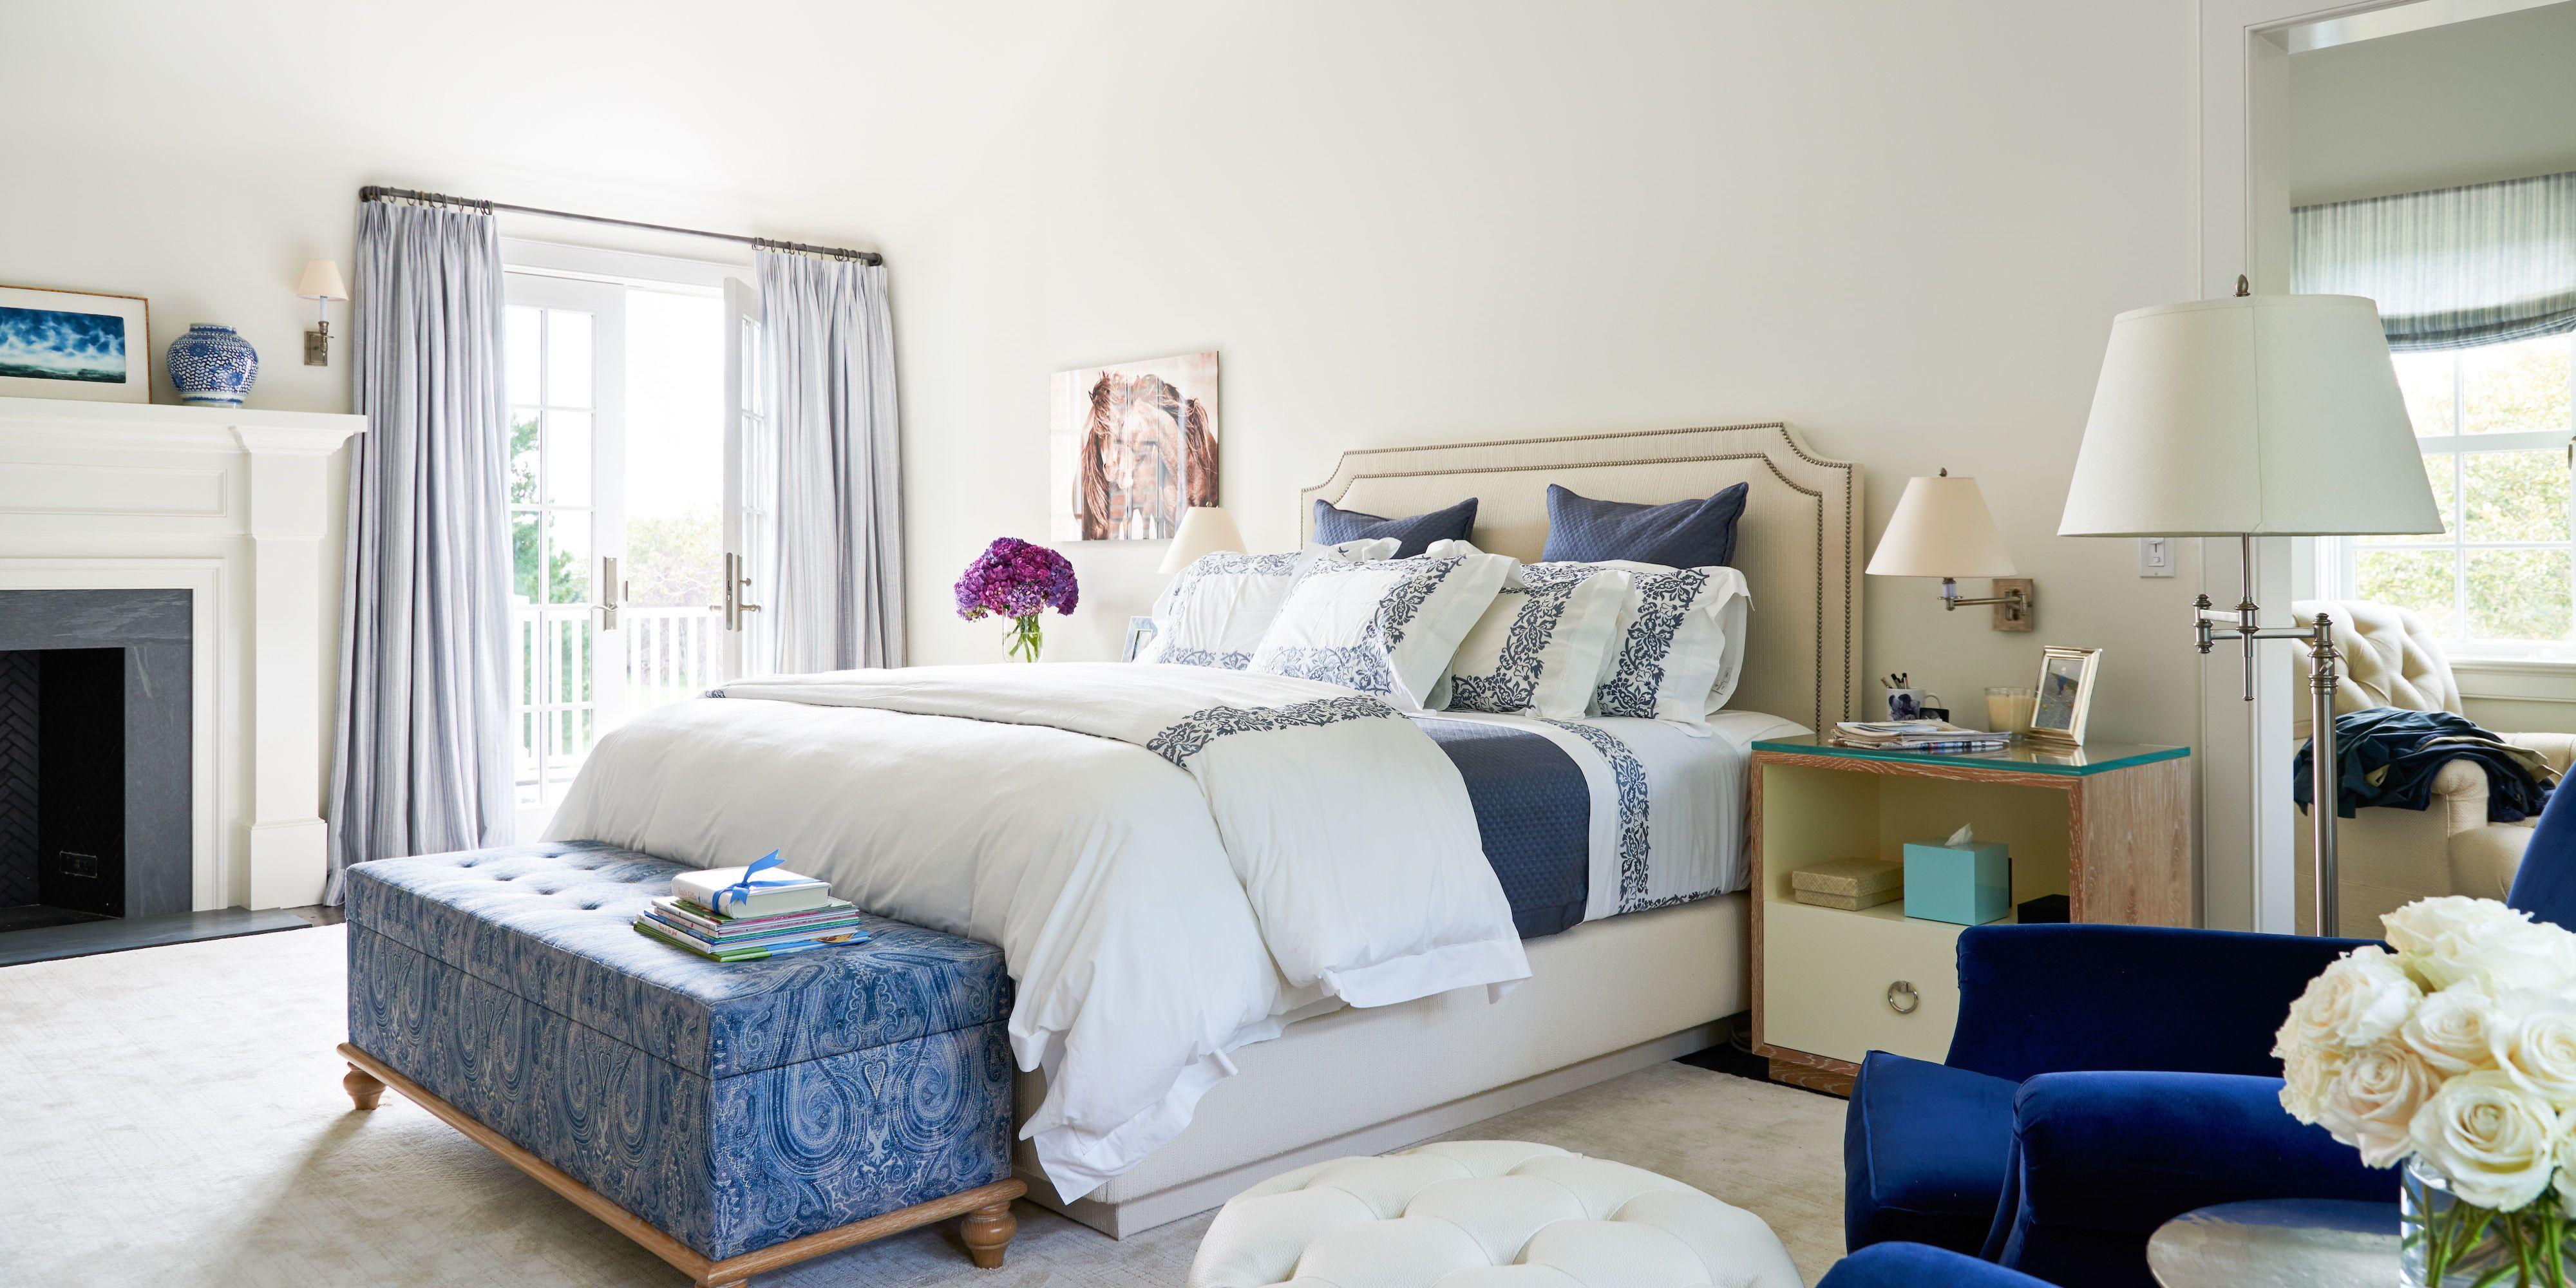 25 Best Bedroom Decor Tips